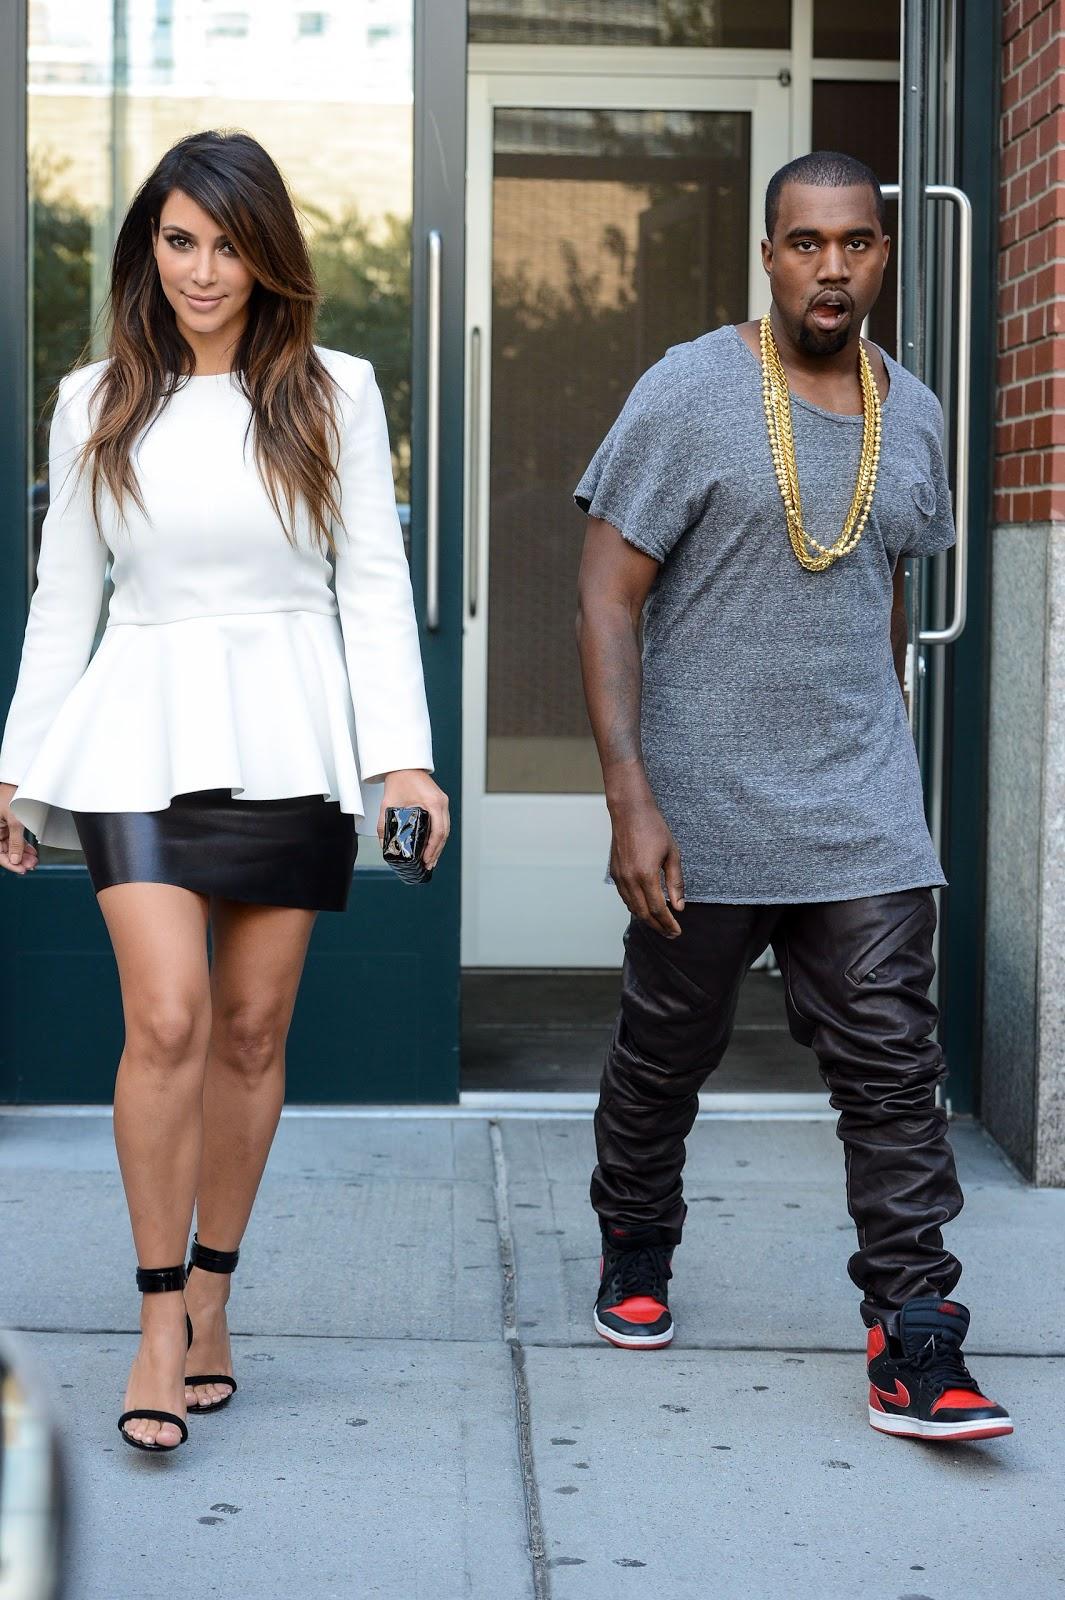 http://1.bp.blogspot.com/-6DY1EKAjvQU/UESoB9cLTOI/AAAAAAAATLI/1TpJiuzxMeA/s1600/Kim+Kardashian+-+Leaving+an+apartment+building+in+NYC.jpg